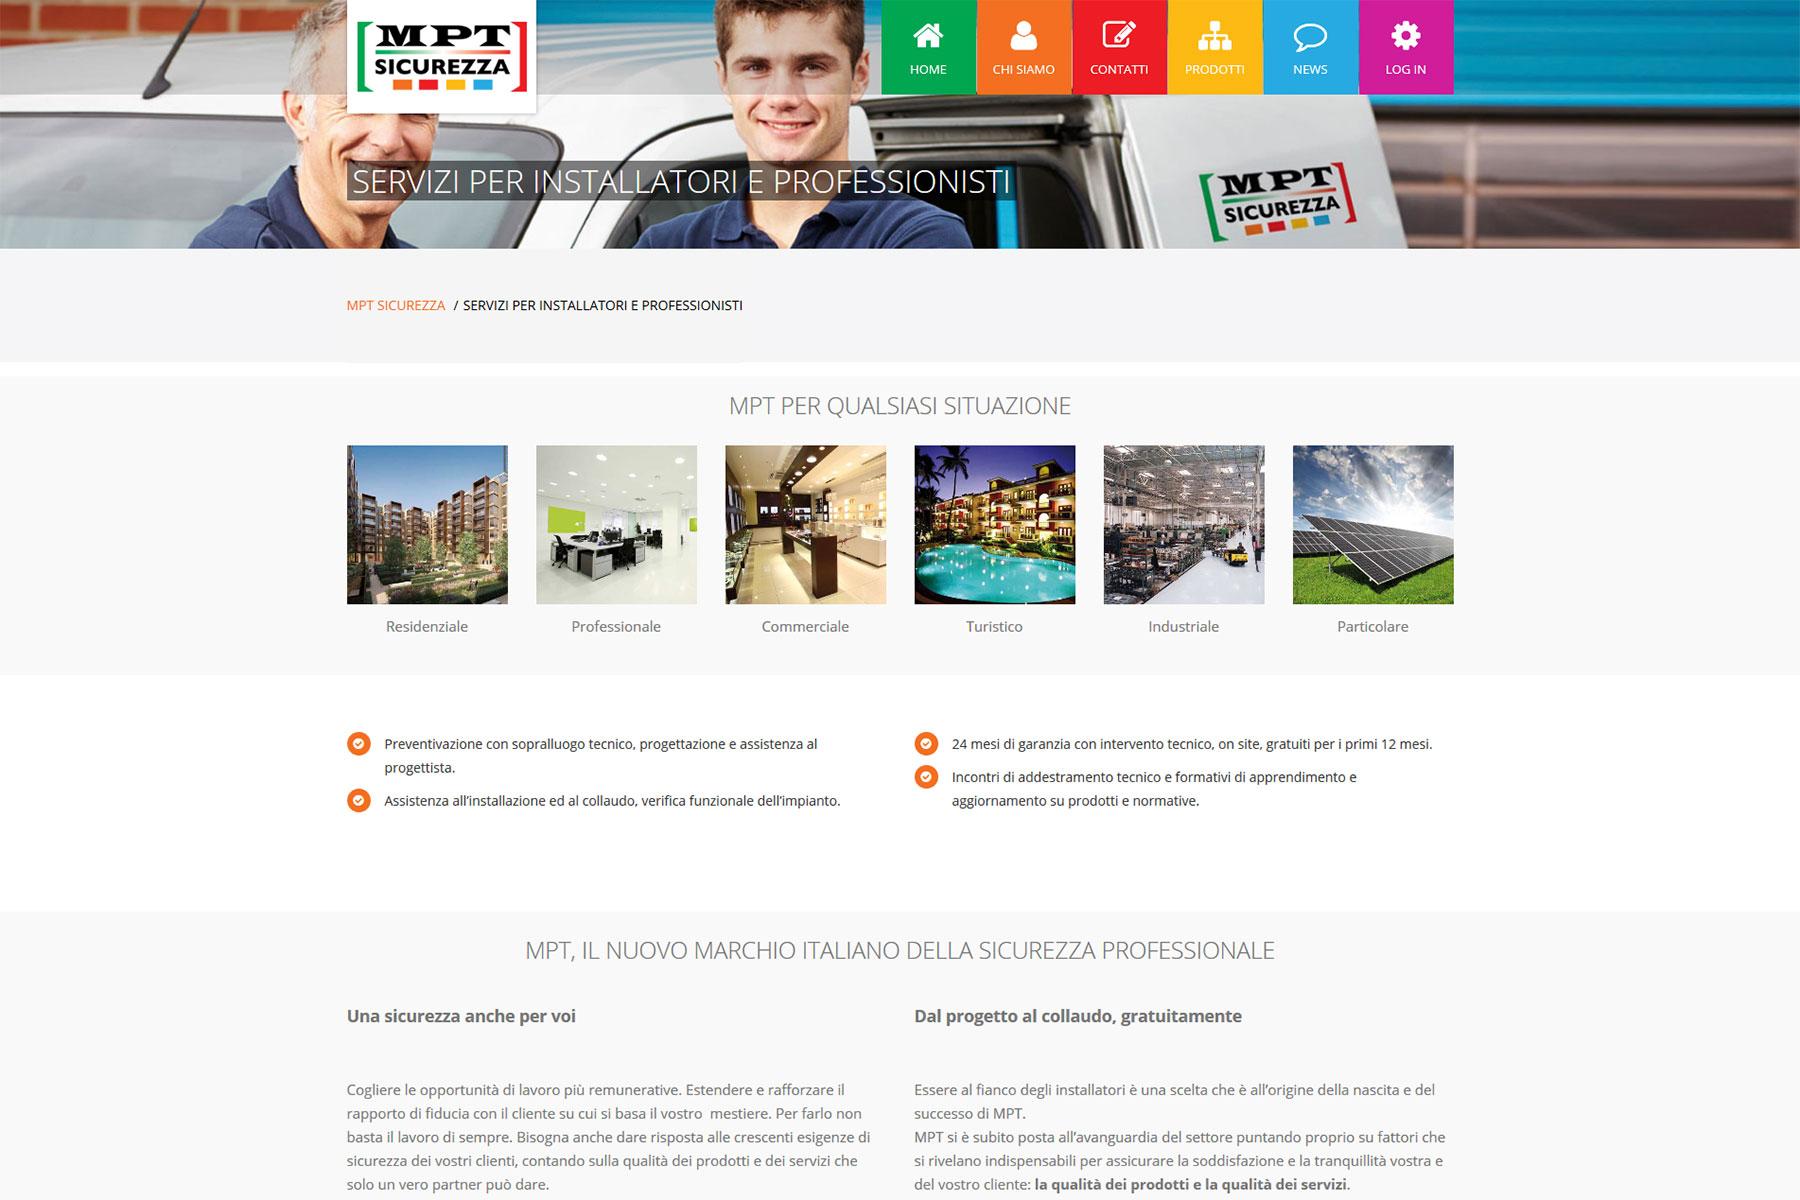 xplay-agenzia-web-sito-mpt-sicurezza-este-padova